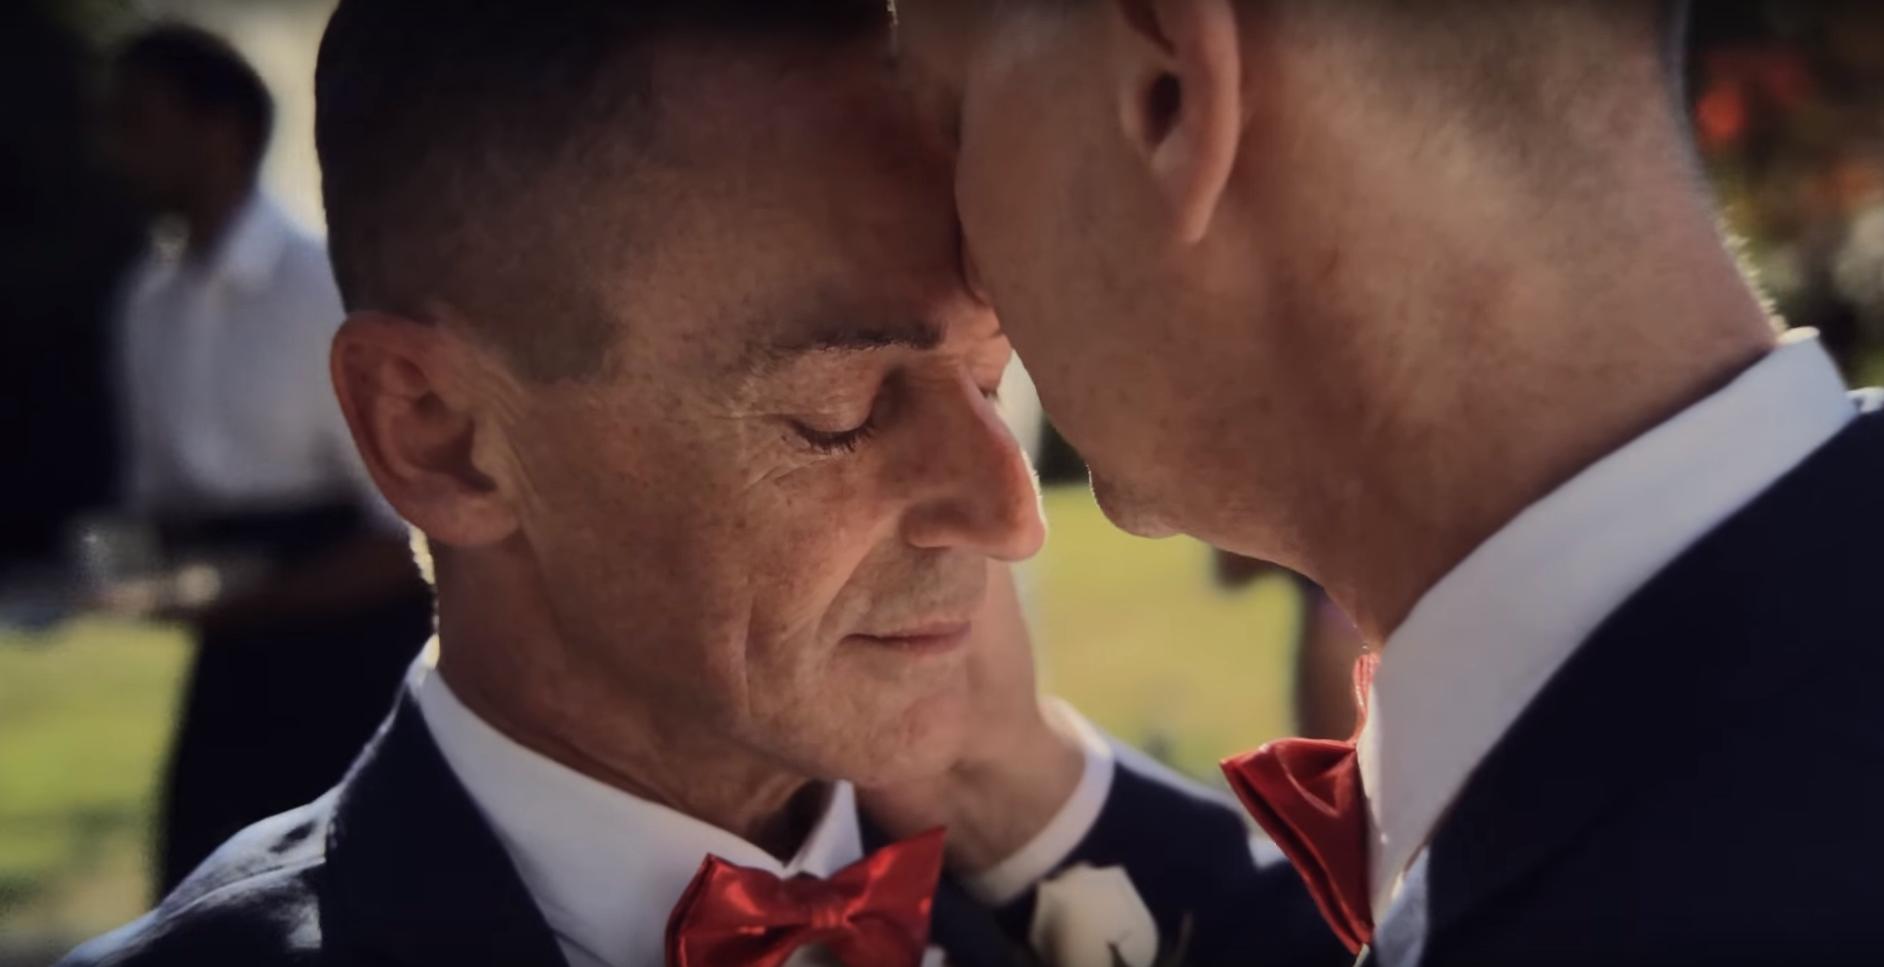 İzleyin: Apple Yeni iPhone X Reklamında Eşcinsel Evliliği Kutladı